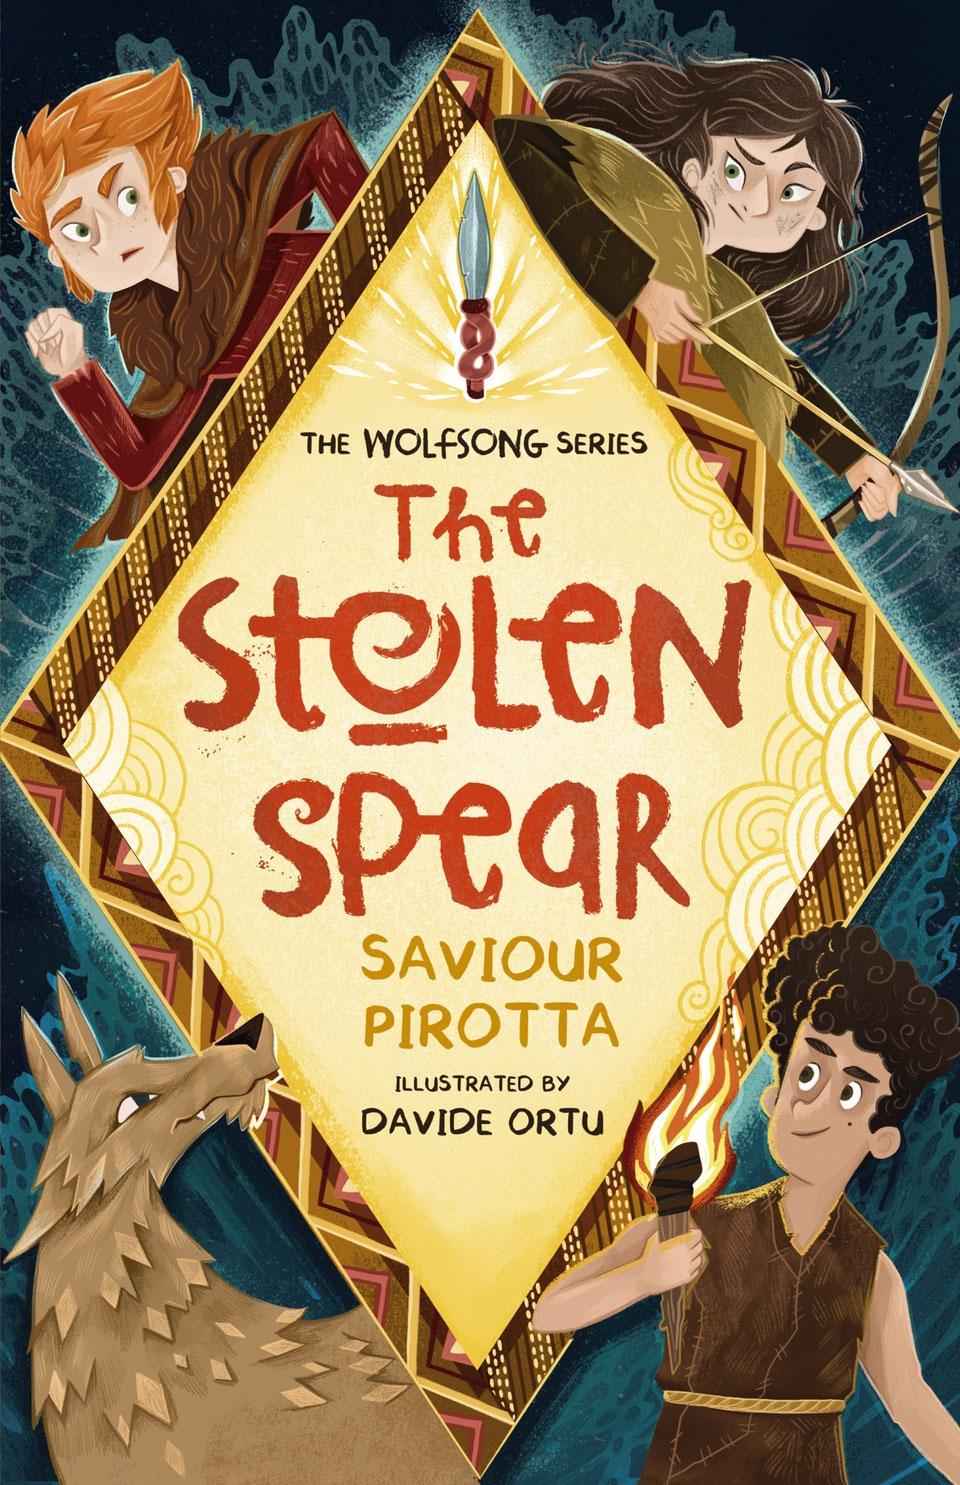 The Stolen Spear, Saviour Pirotta